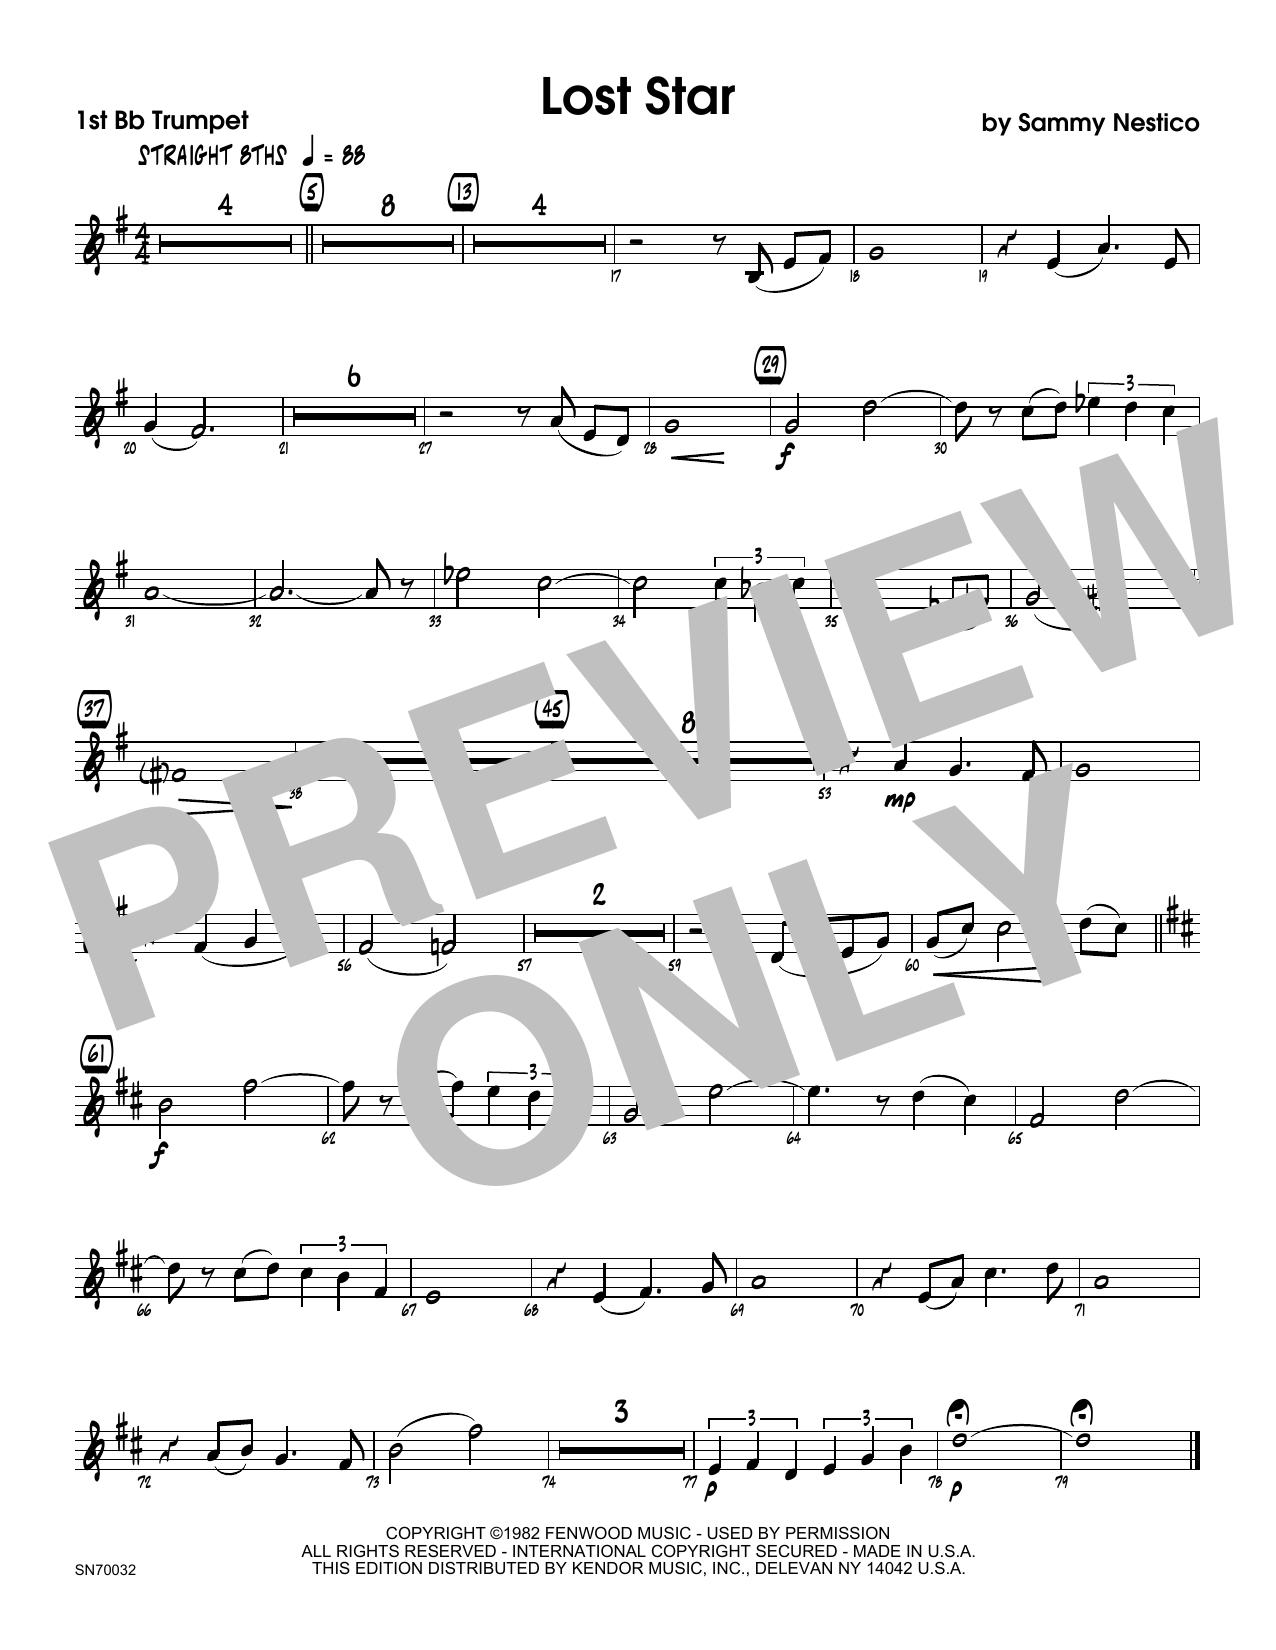 Lost Star - 1st Bb Trumpet Sheet Music